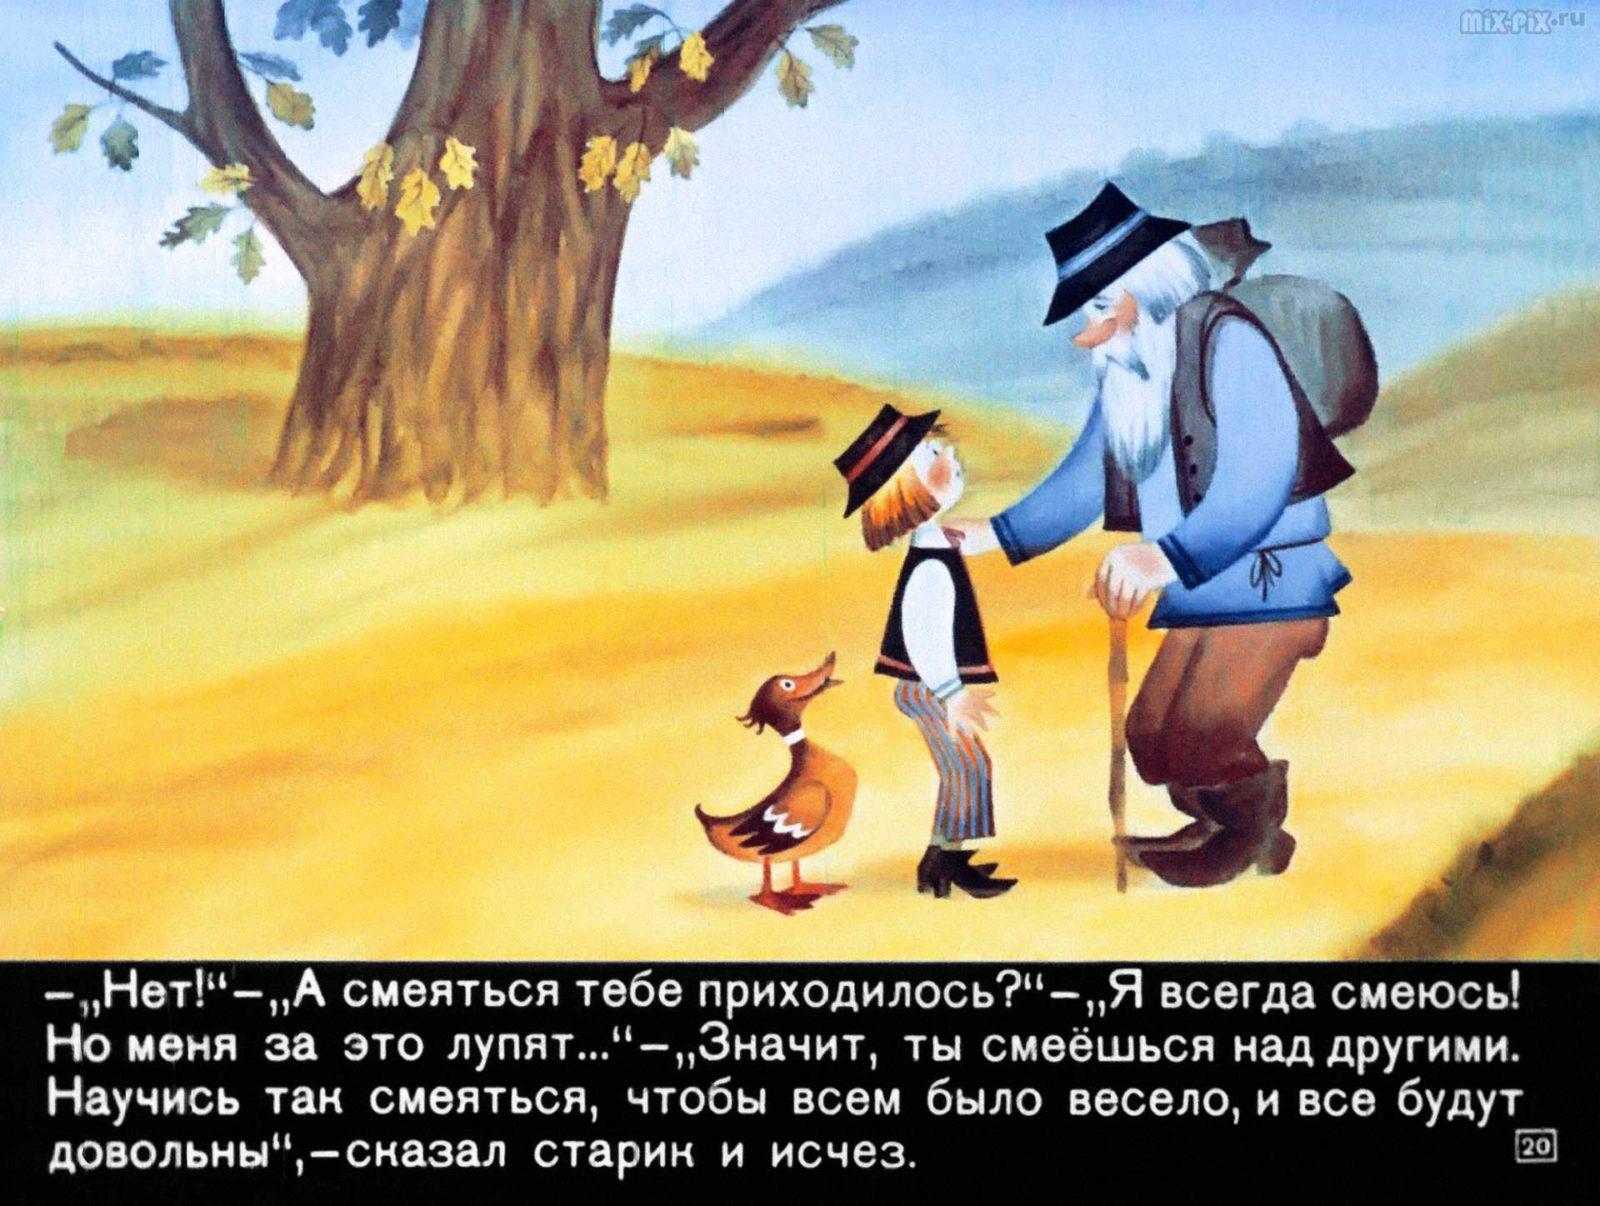 Сапожник Копытко и утка Кря (1972) 31